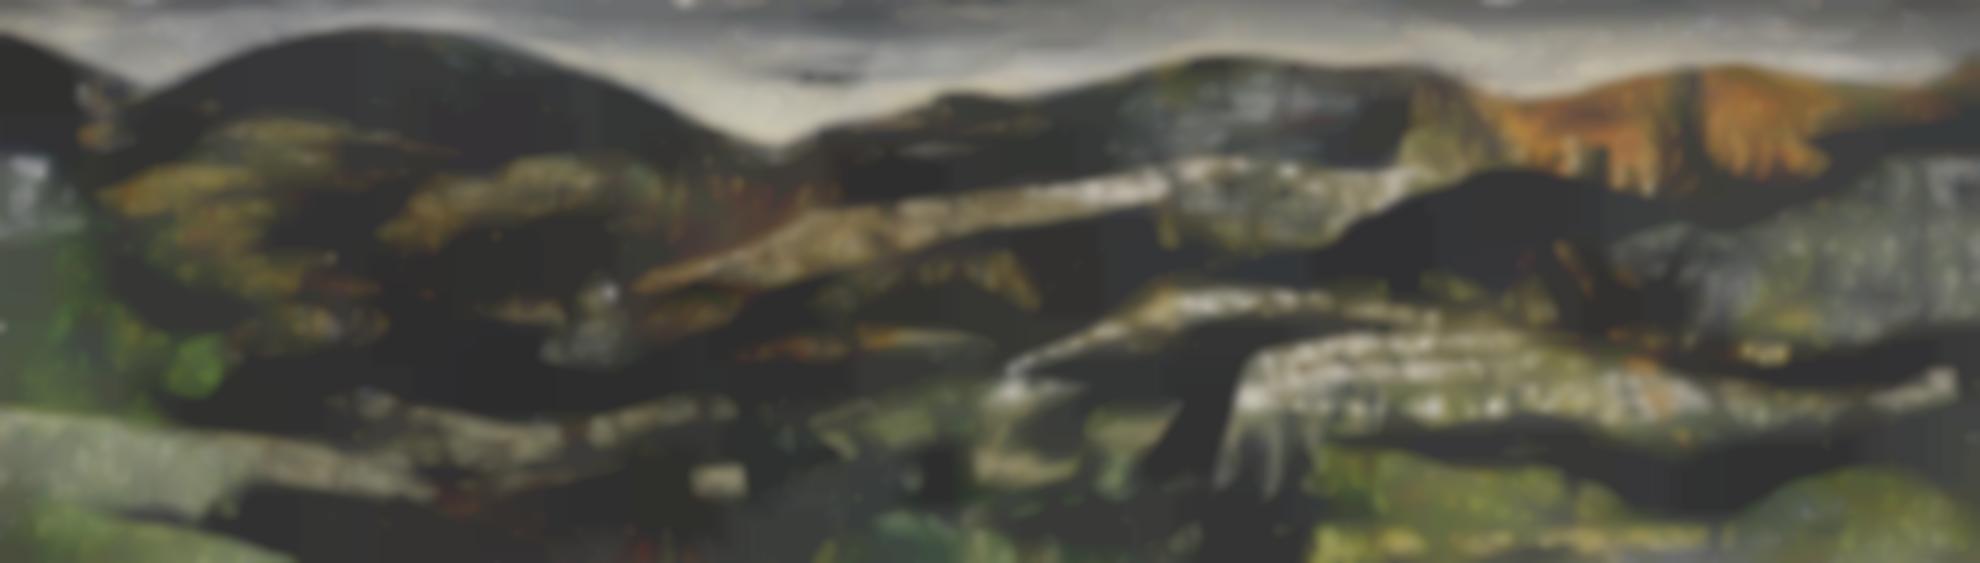 Alexander MacKenzie-Rock Form, North Cliffs, Cornwall-1950